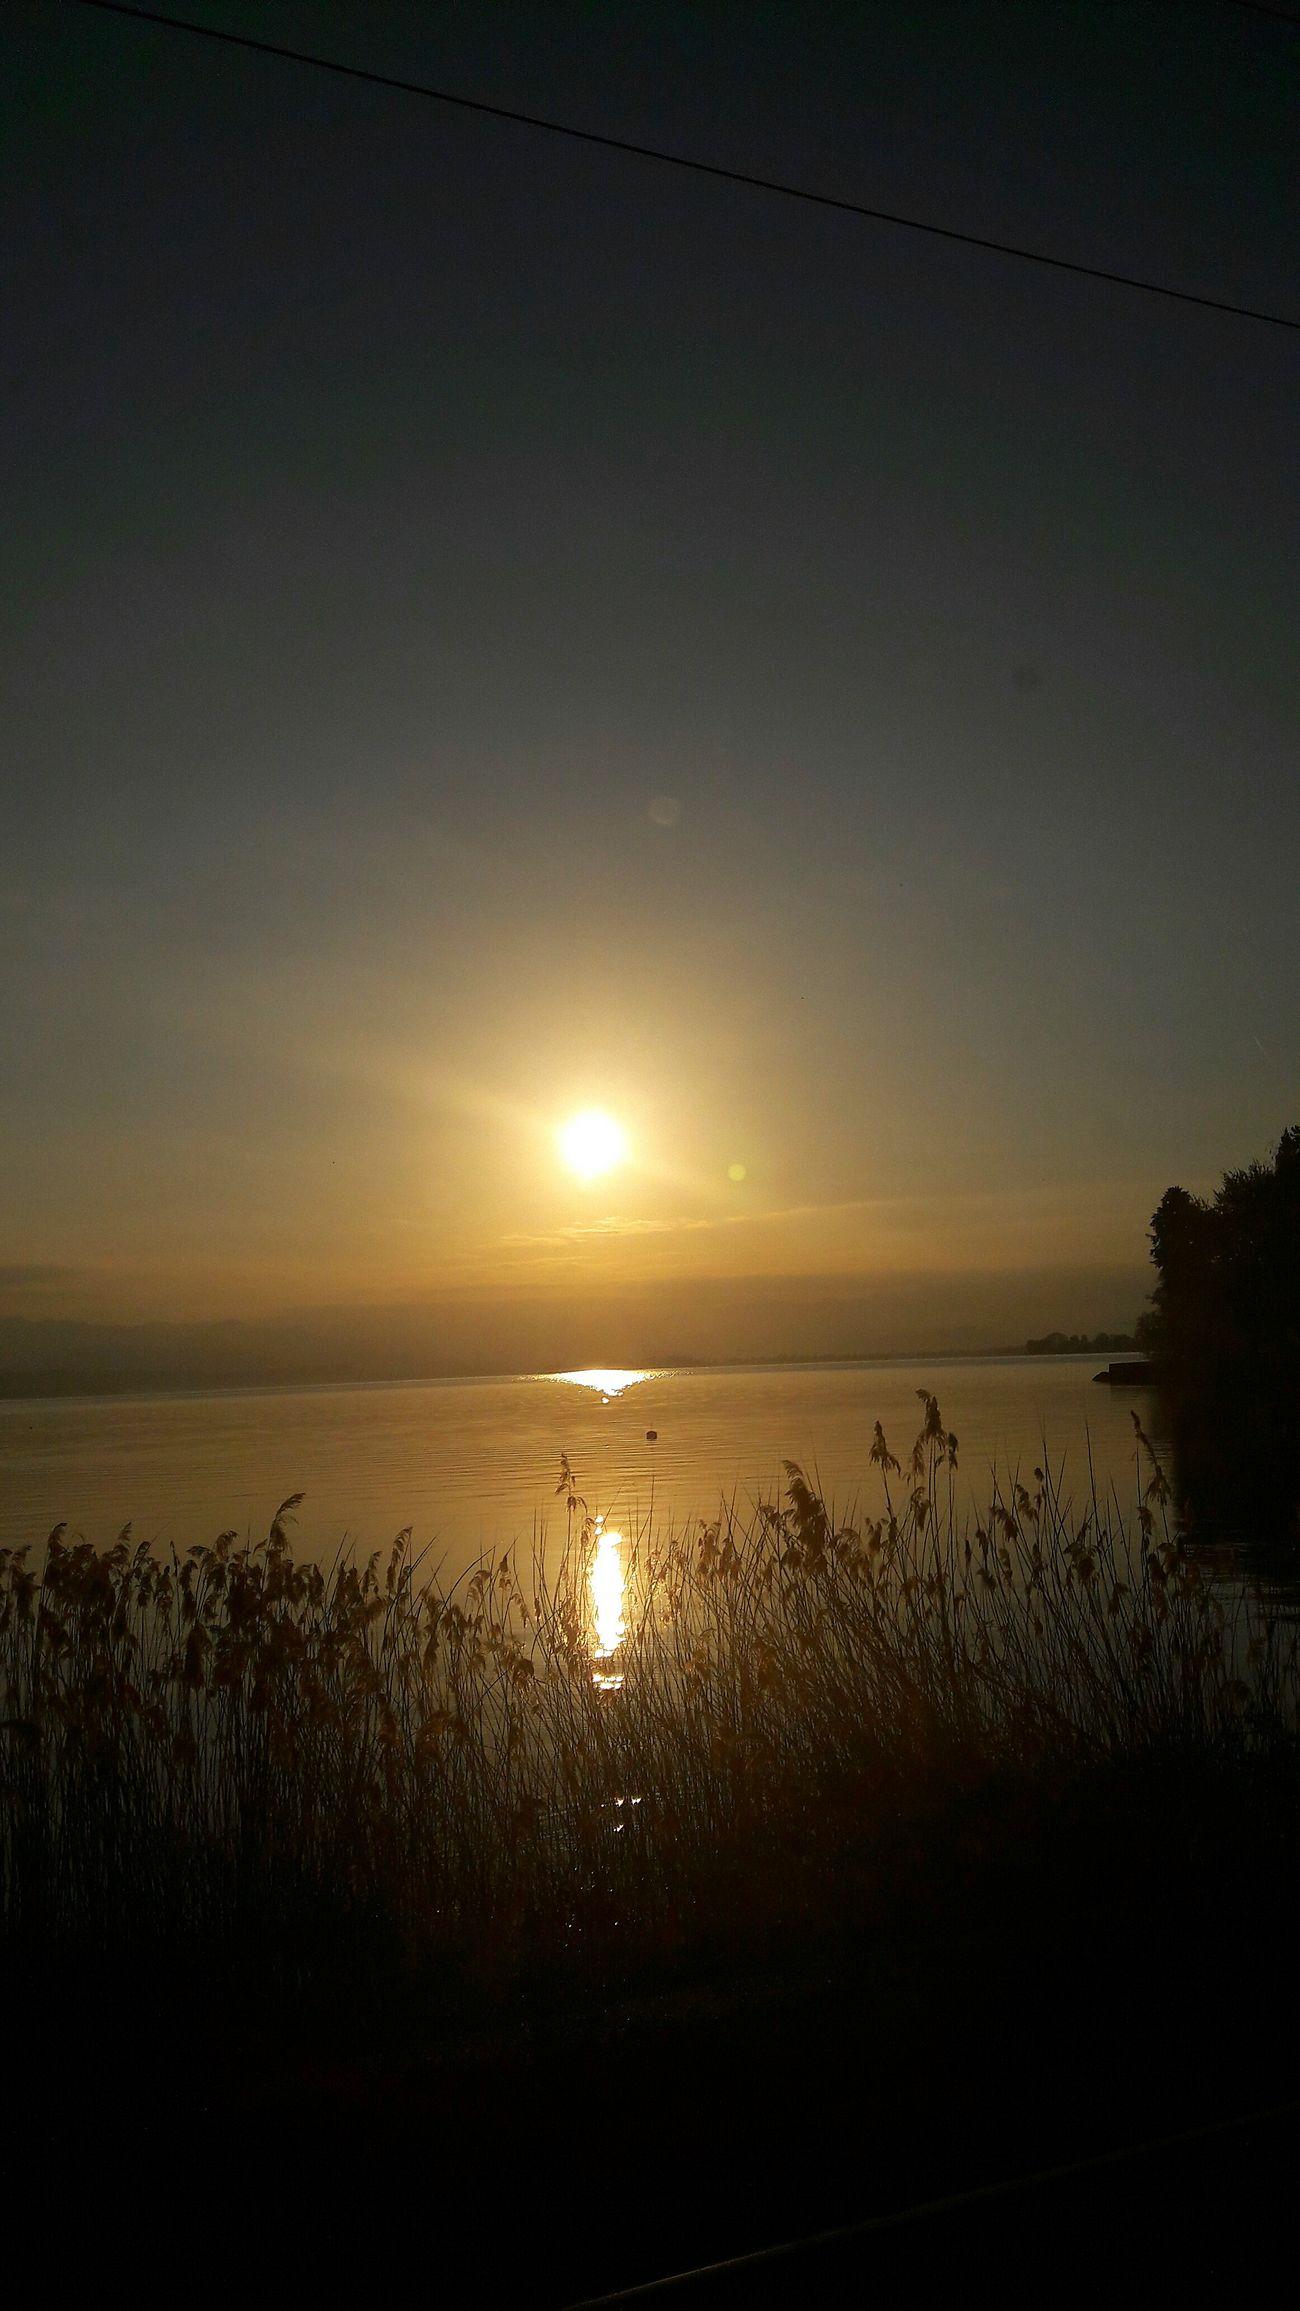 Schweiz Switzerland See Sonnenuntergang Sunrise Orang Orange WOW